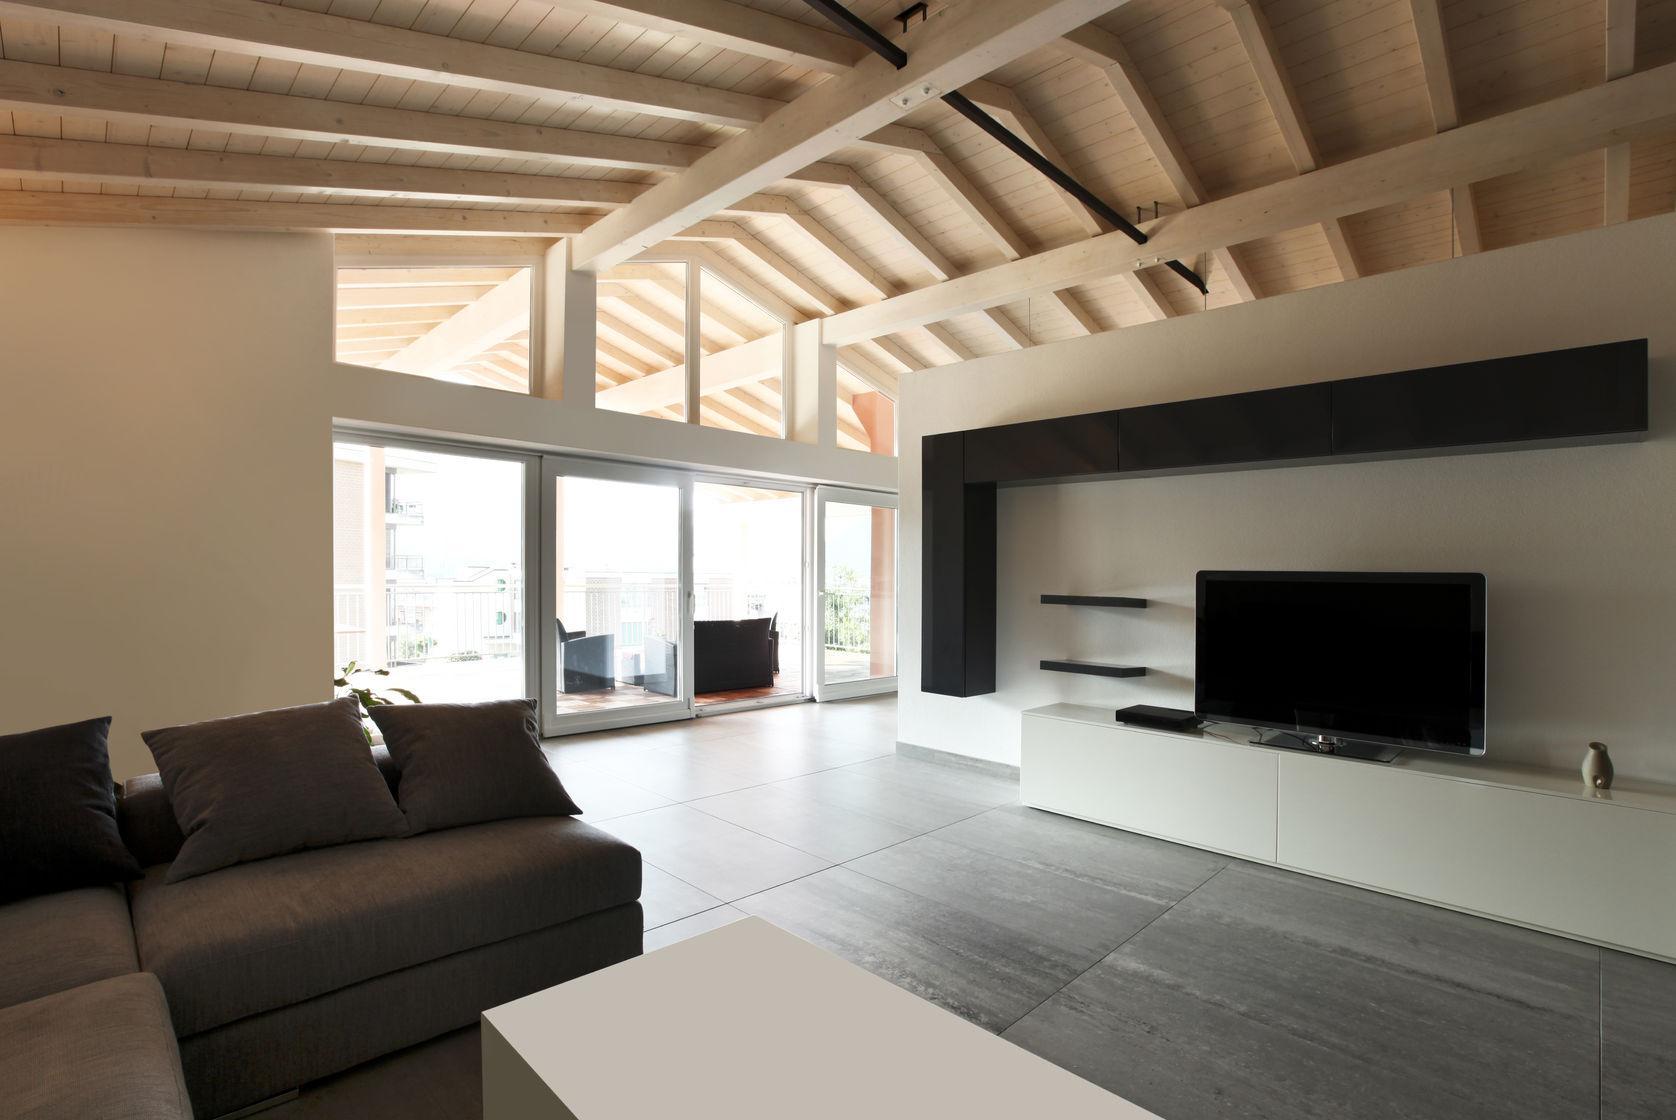 referenzen unsichtbare lautsprecher. Black Bedroom Furniture Sets. Home Design Ideas